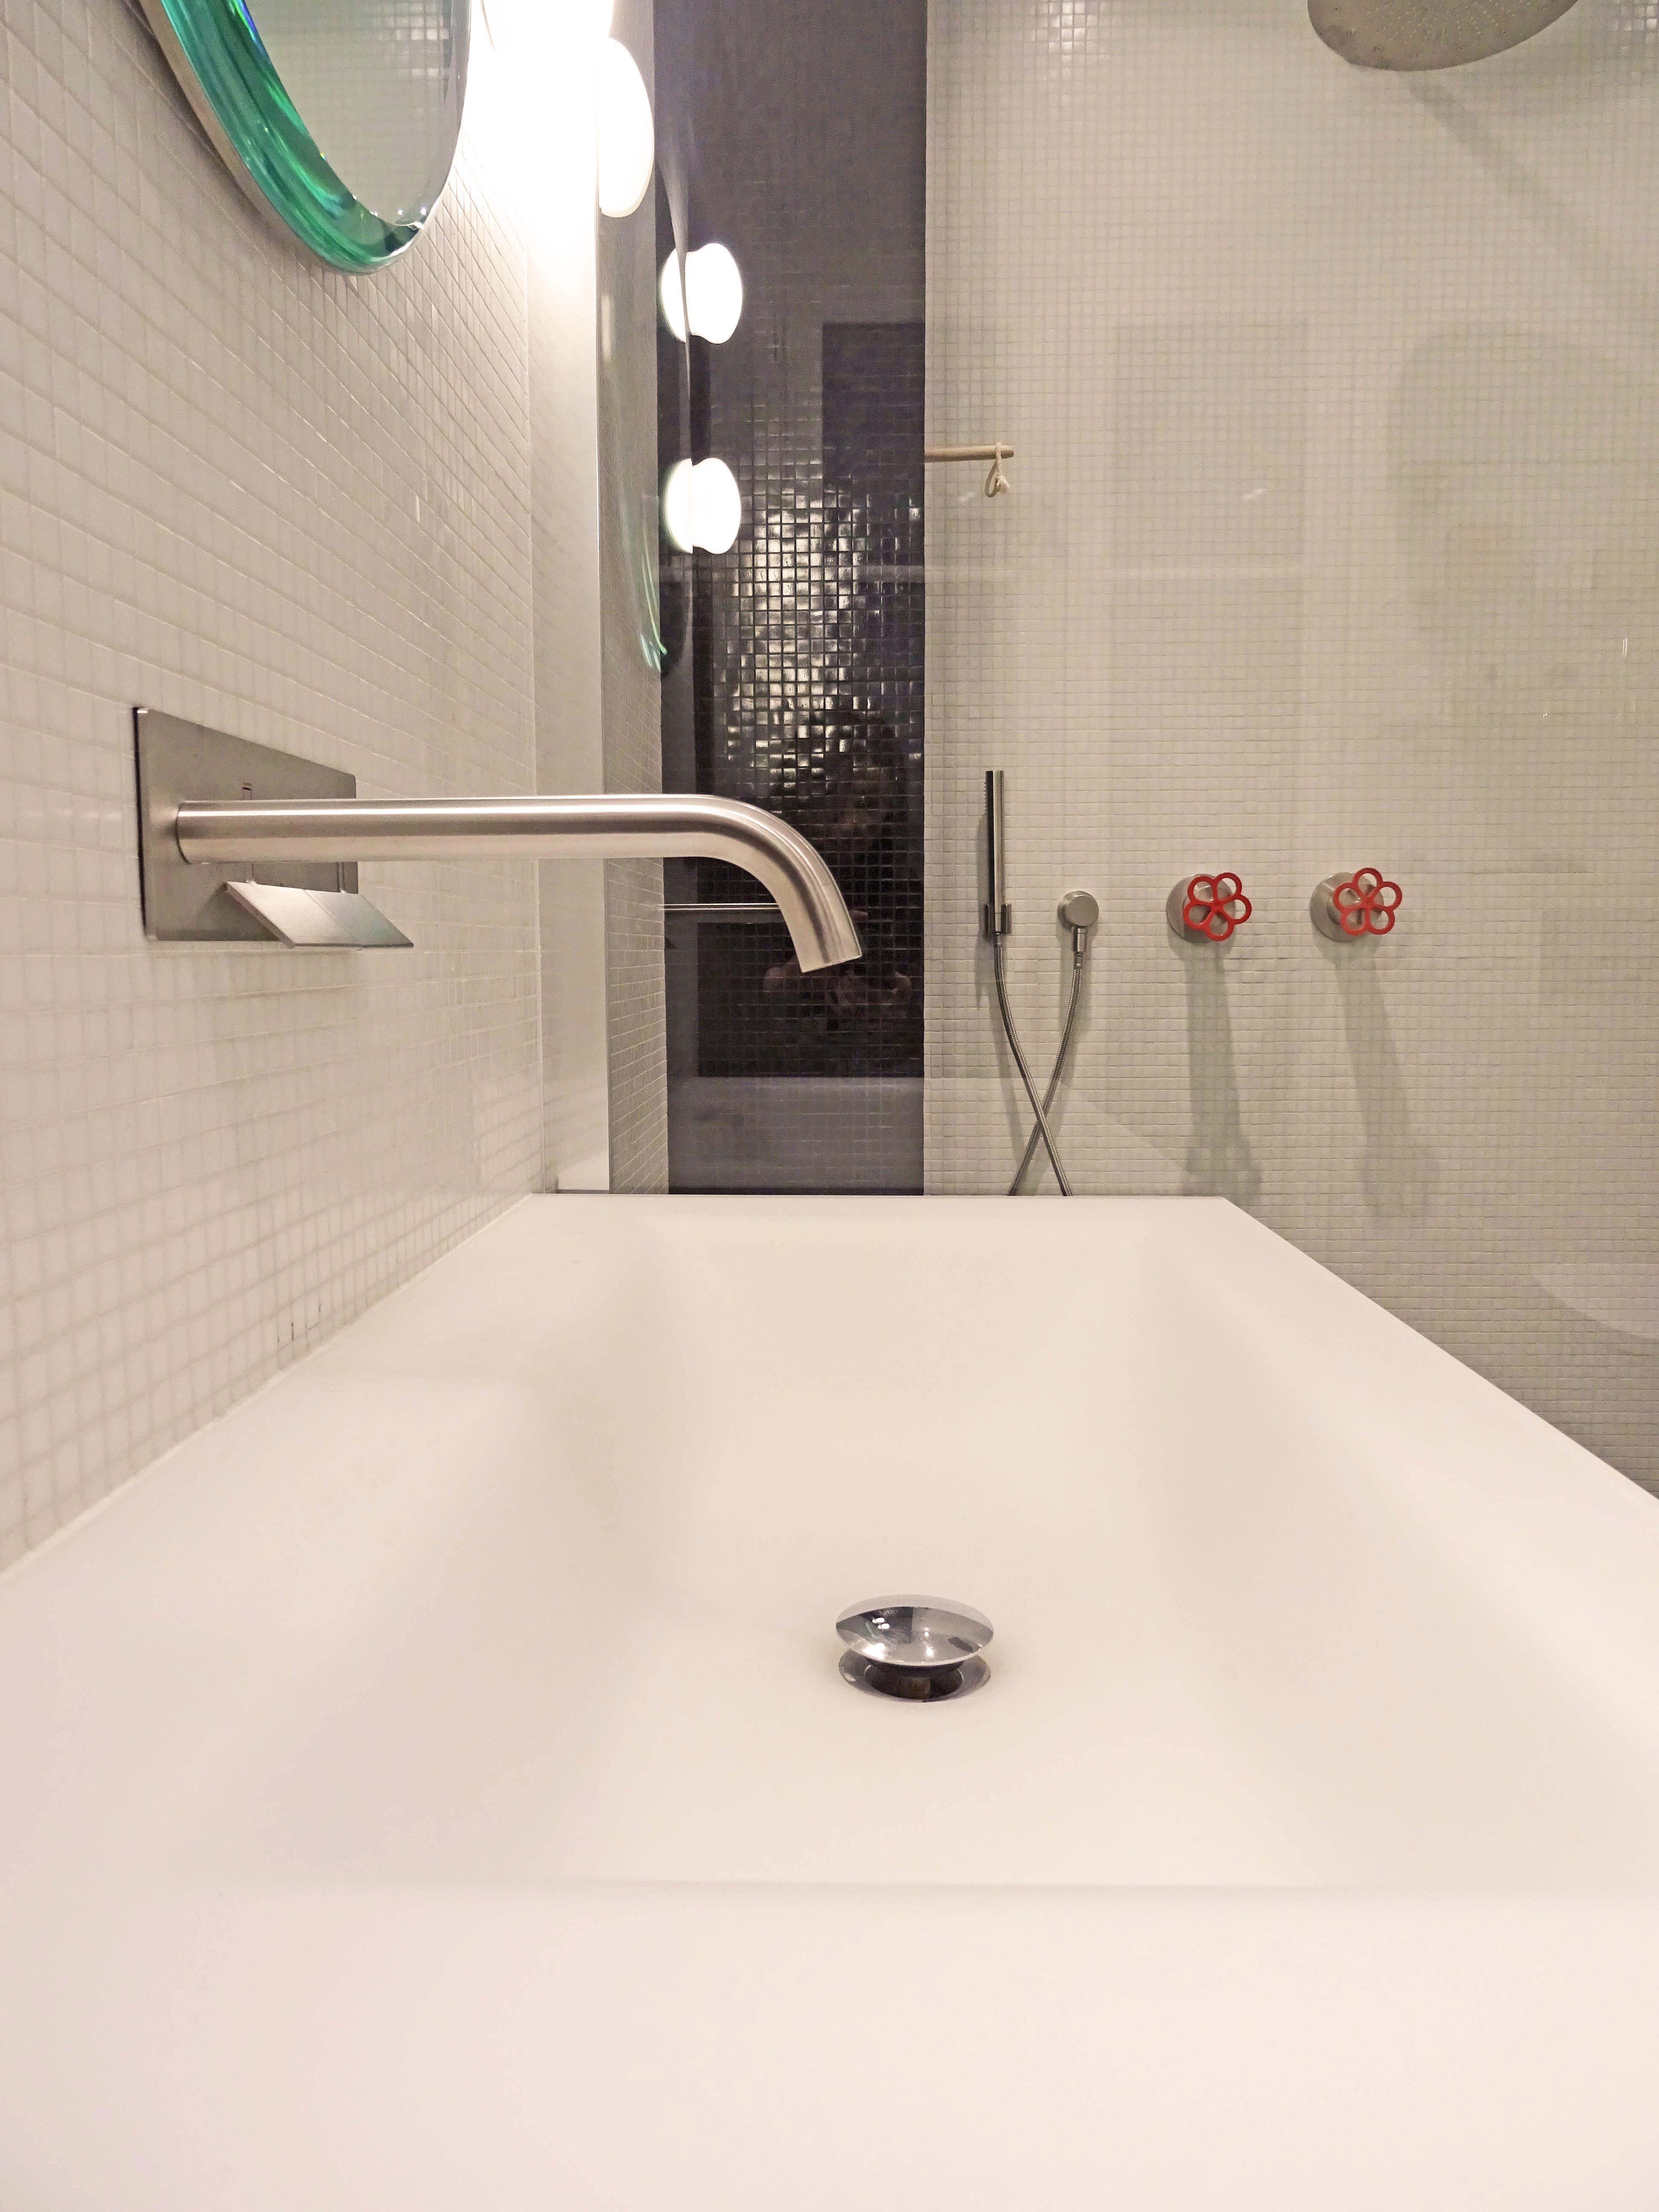 Trend Mosaique salle de bain en mosaïque trend noir et blanc équipement boffi bains